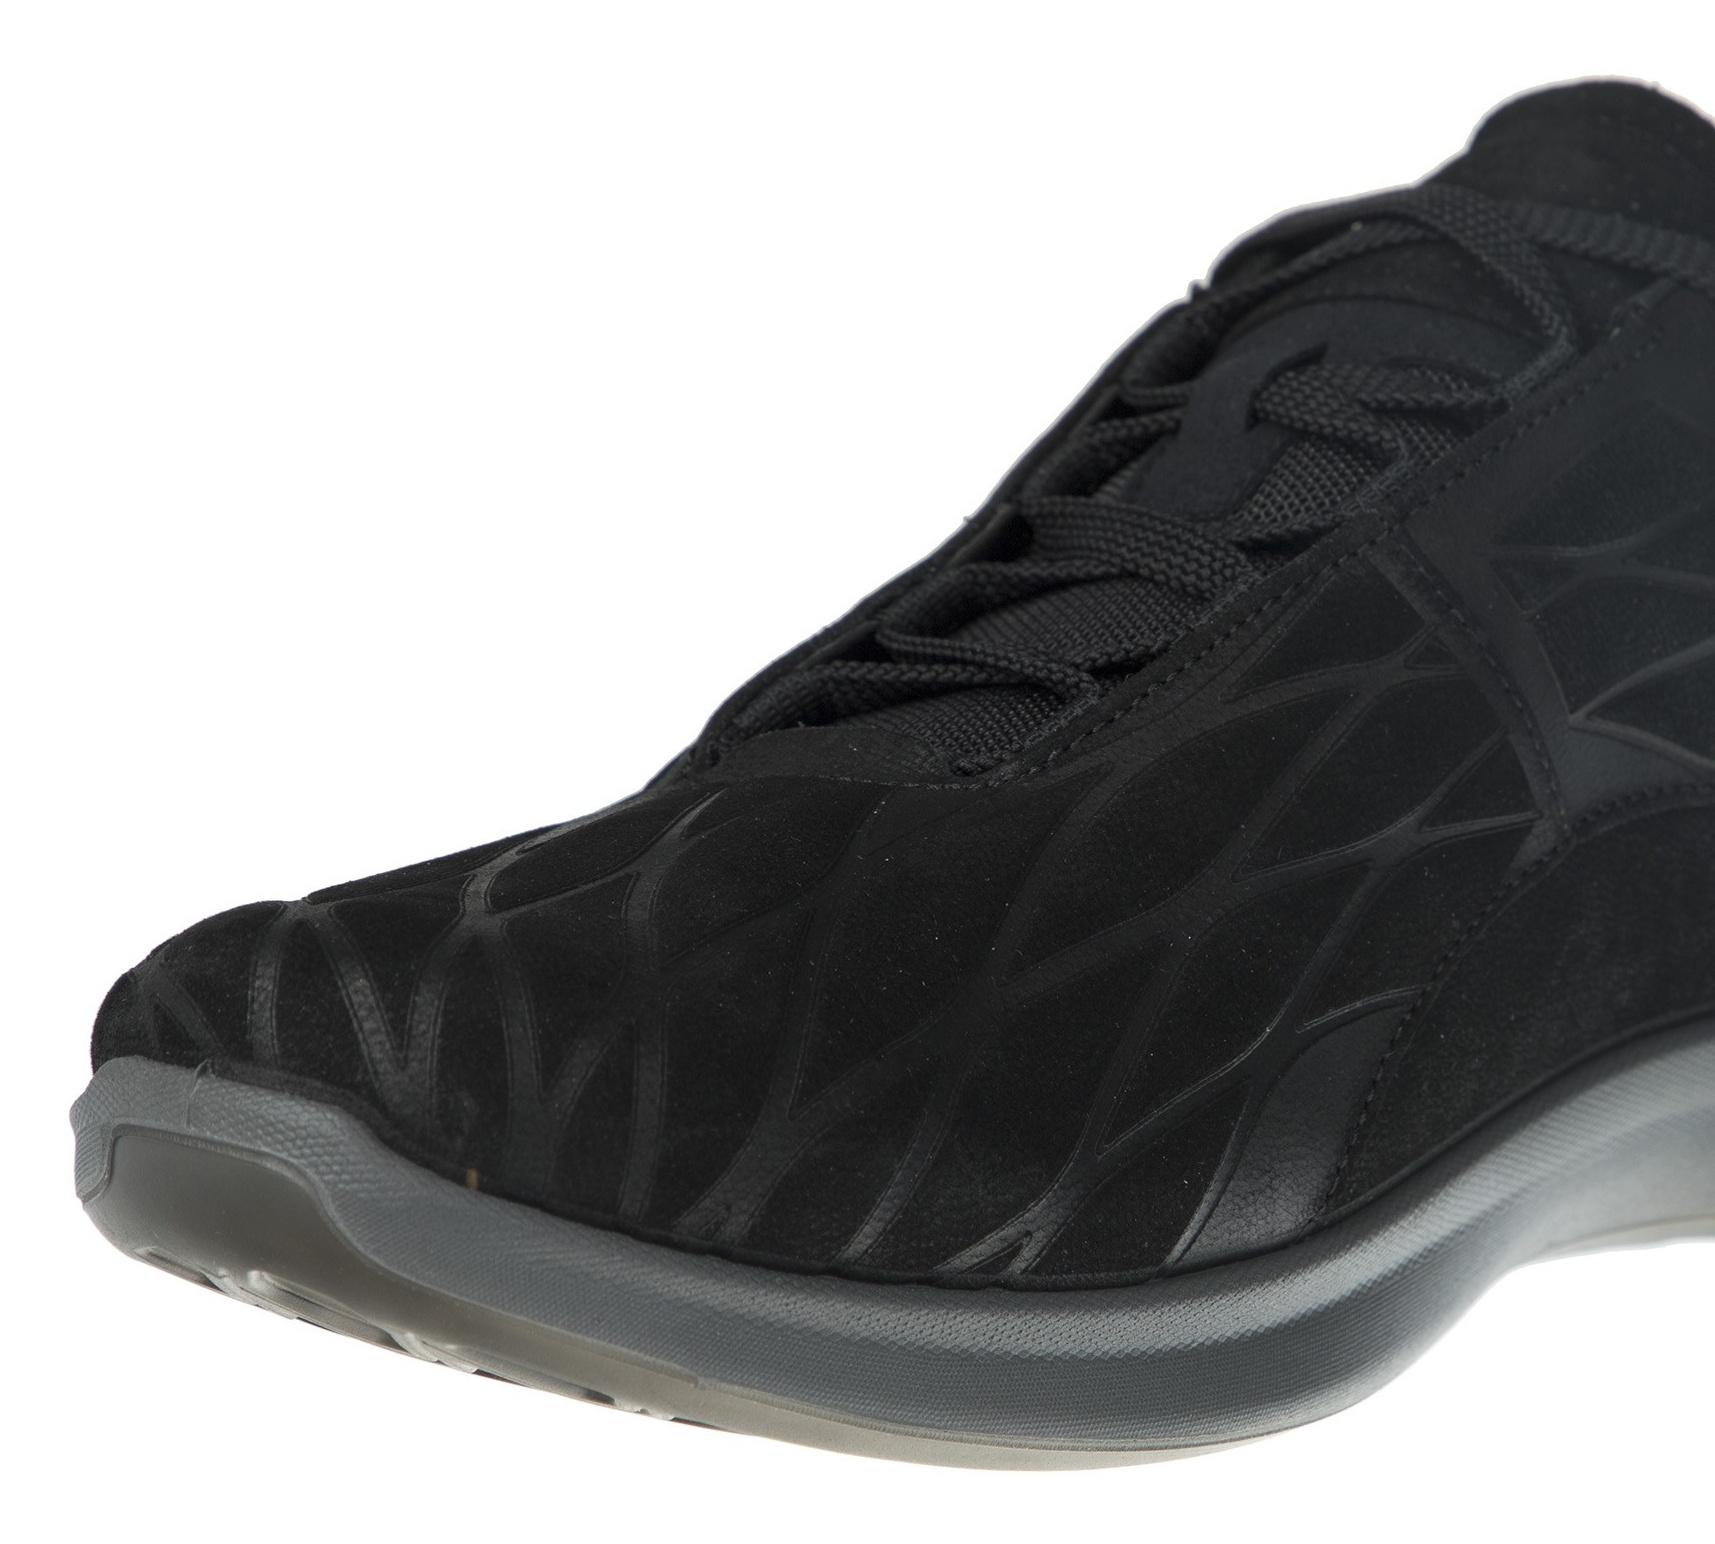 کفش ورزشی بندی مردانه Exceed - اکو - مشکي - 6